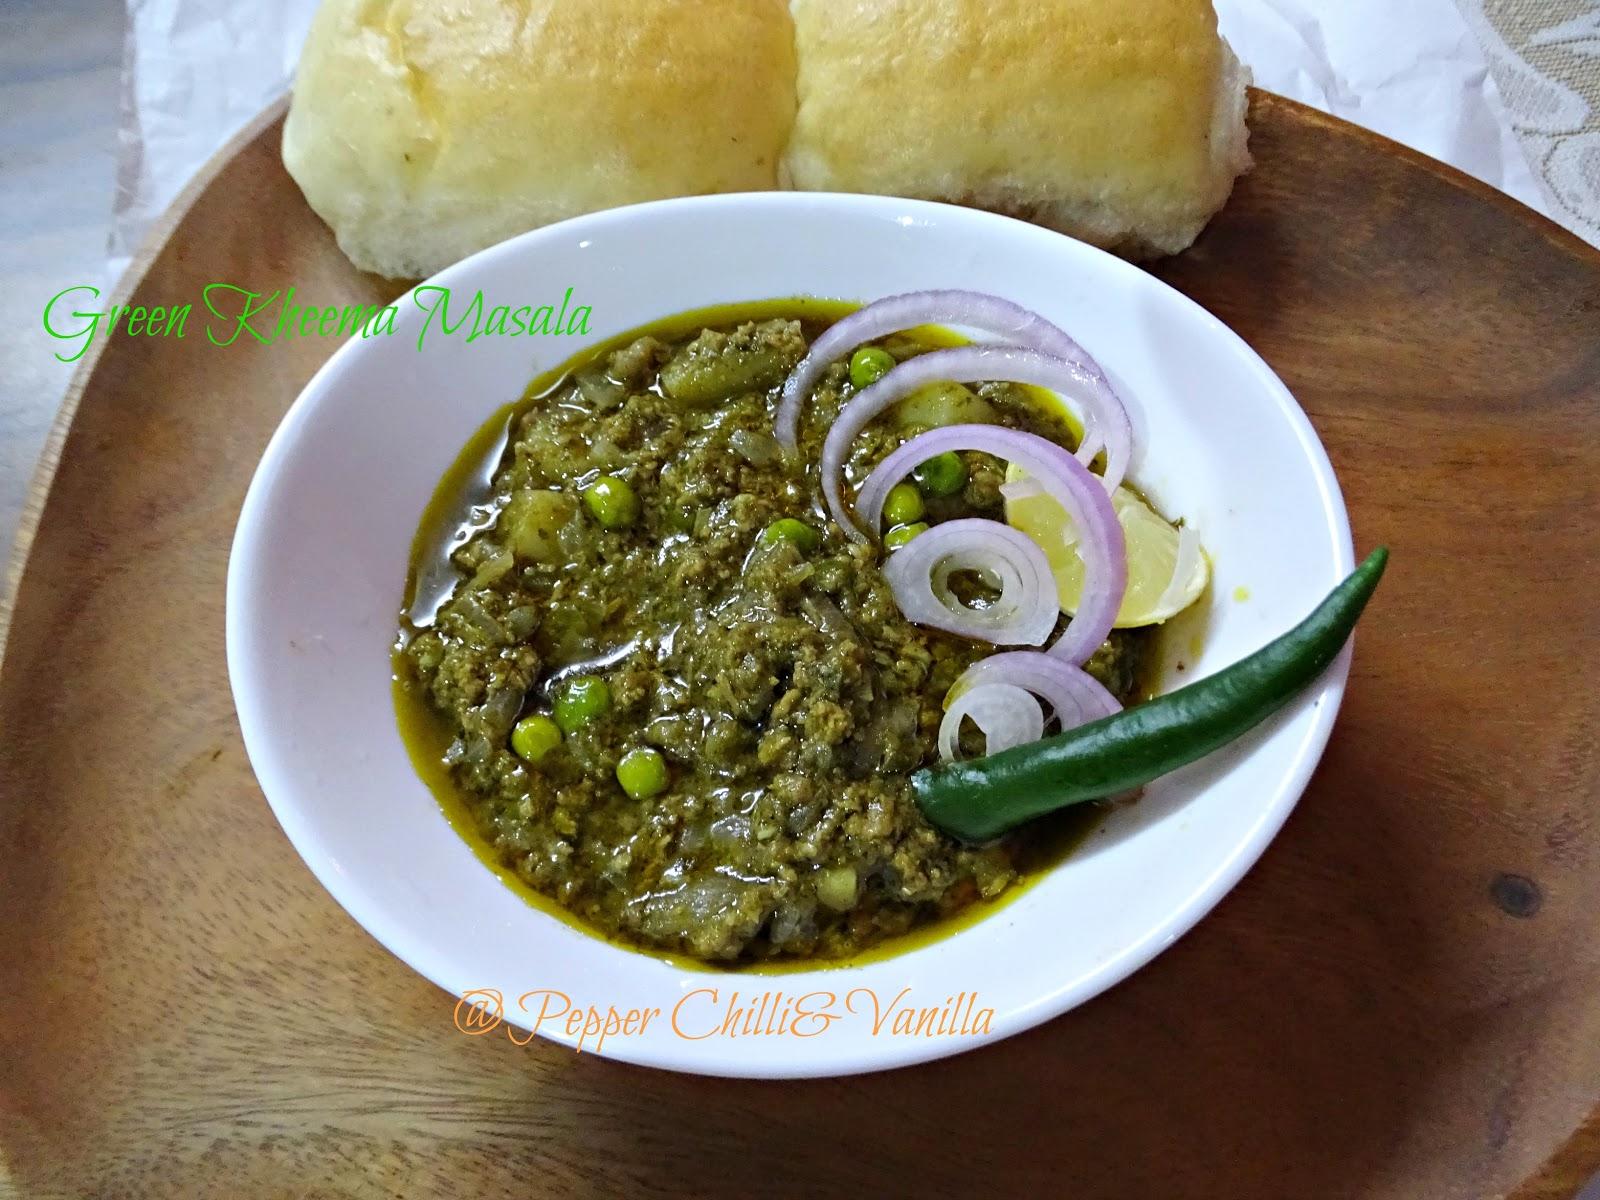 restaurant style hara kheema/hara mutton keema/green beefkheema